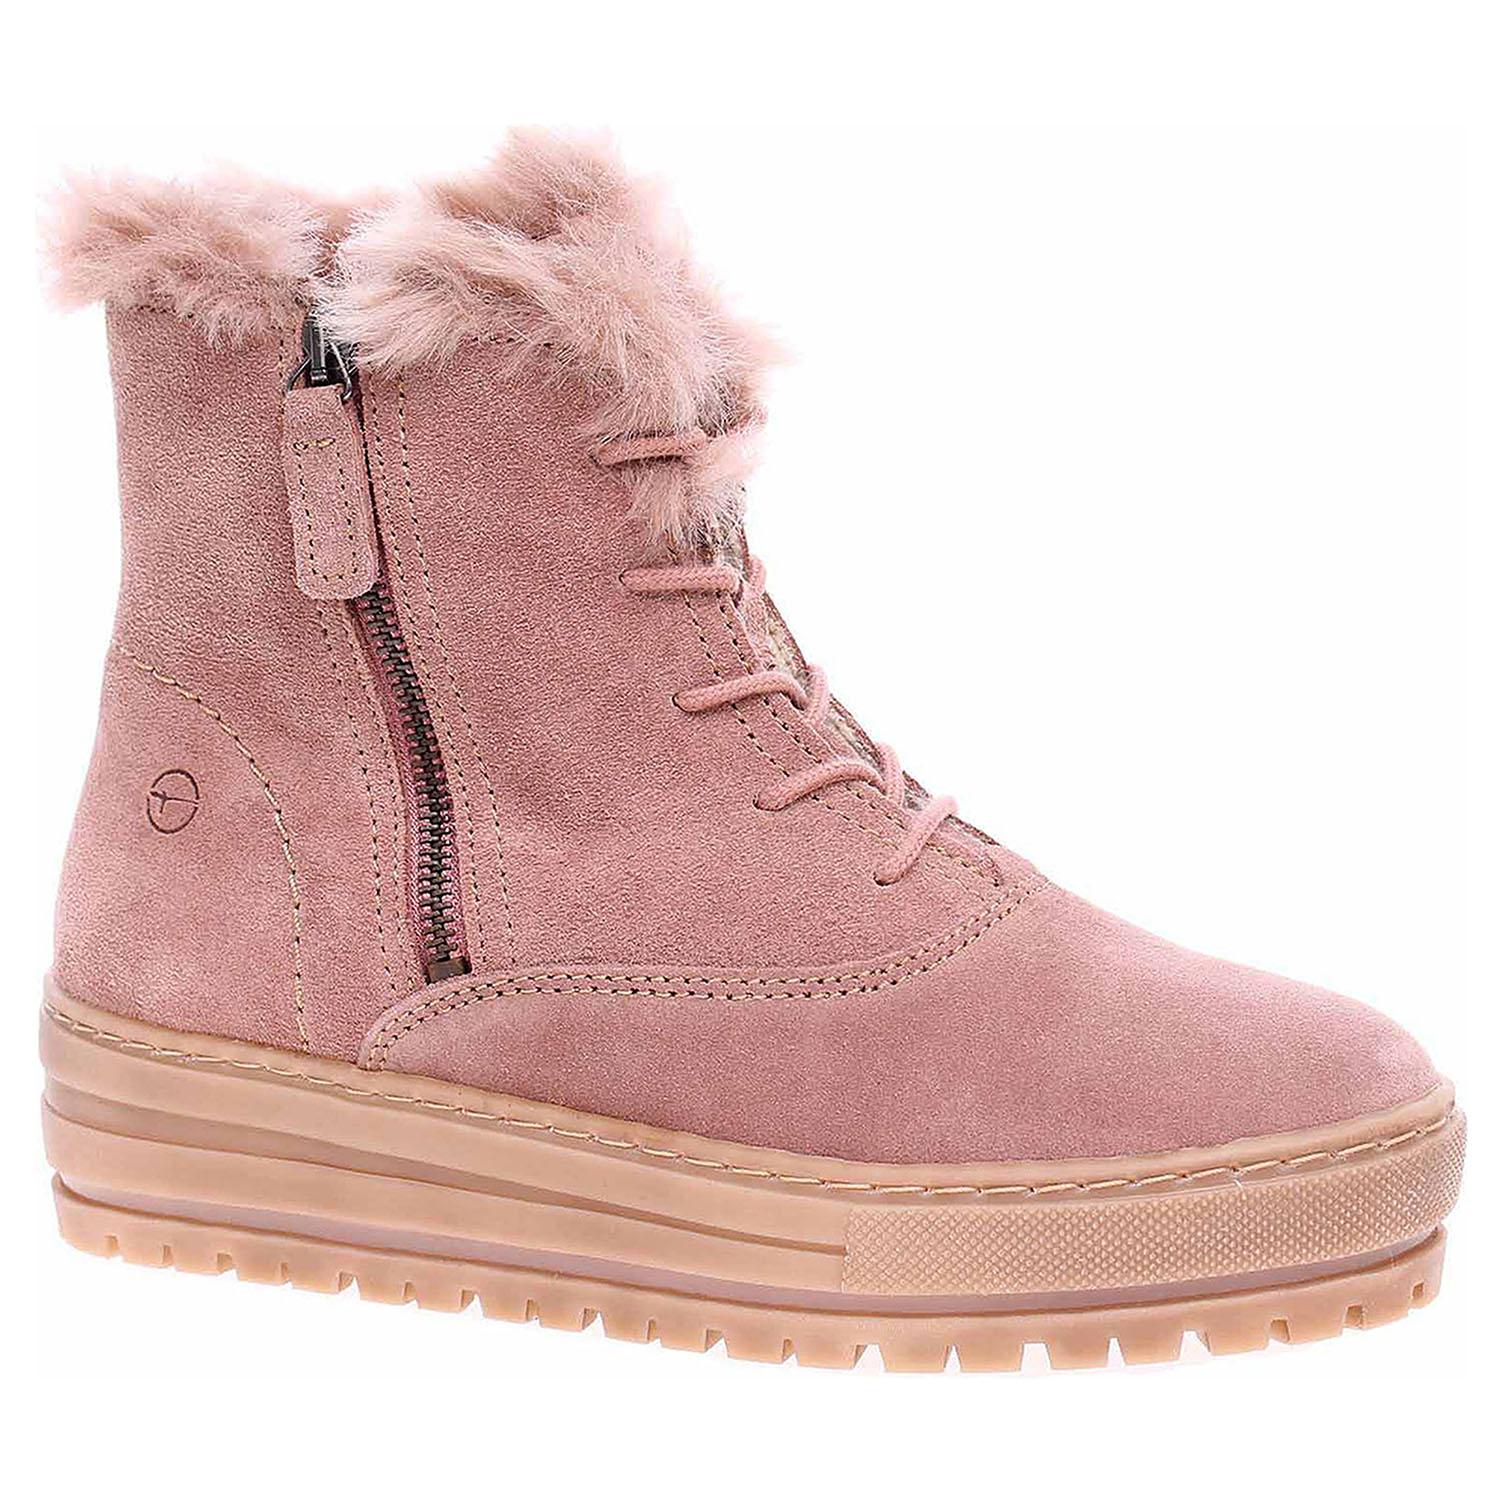 Dámská kotníková obuv Tamaris 1-26084-31 powder 1-1-26084-31 560 39